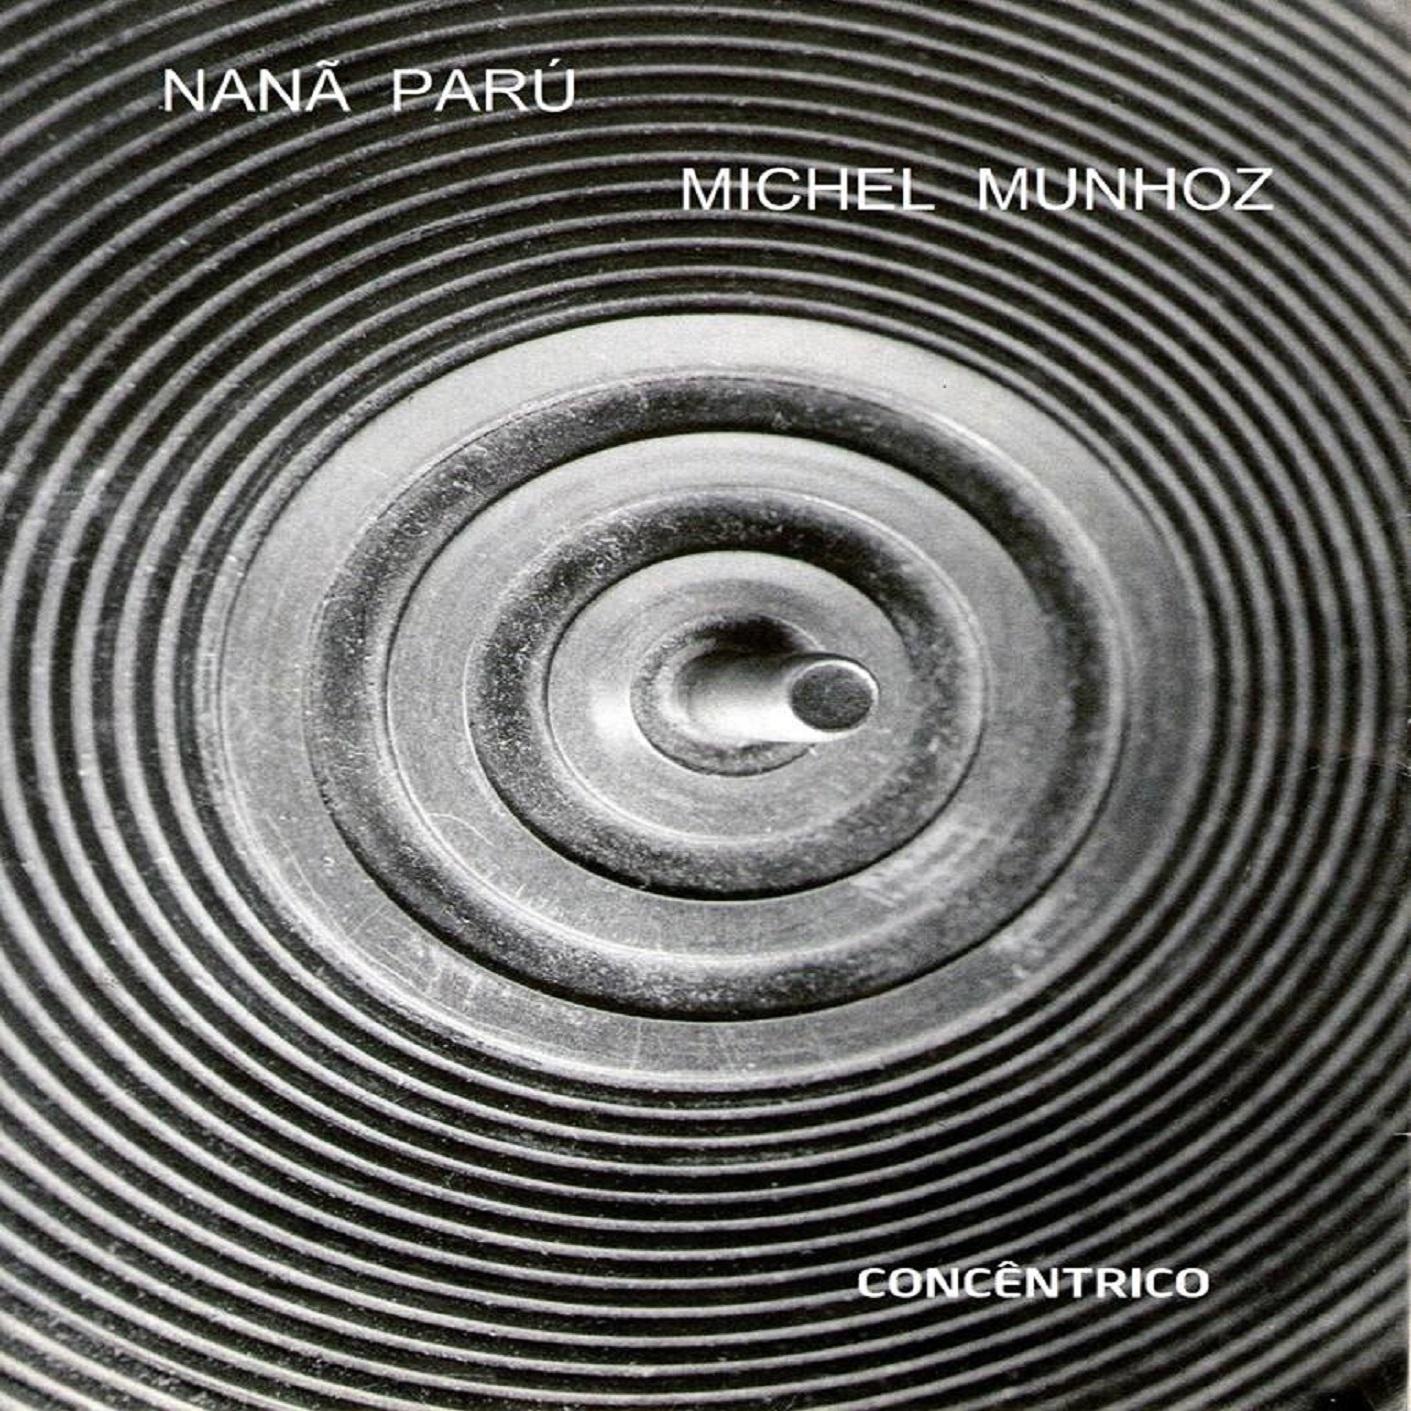 MSRCD063 - Nanã Parú & Michel Munhoz - Concêntrico